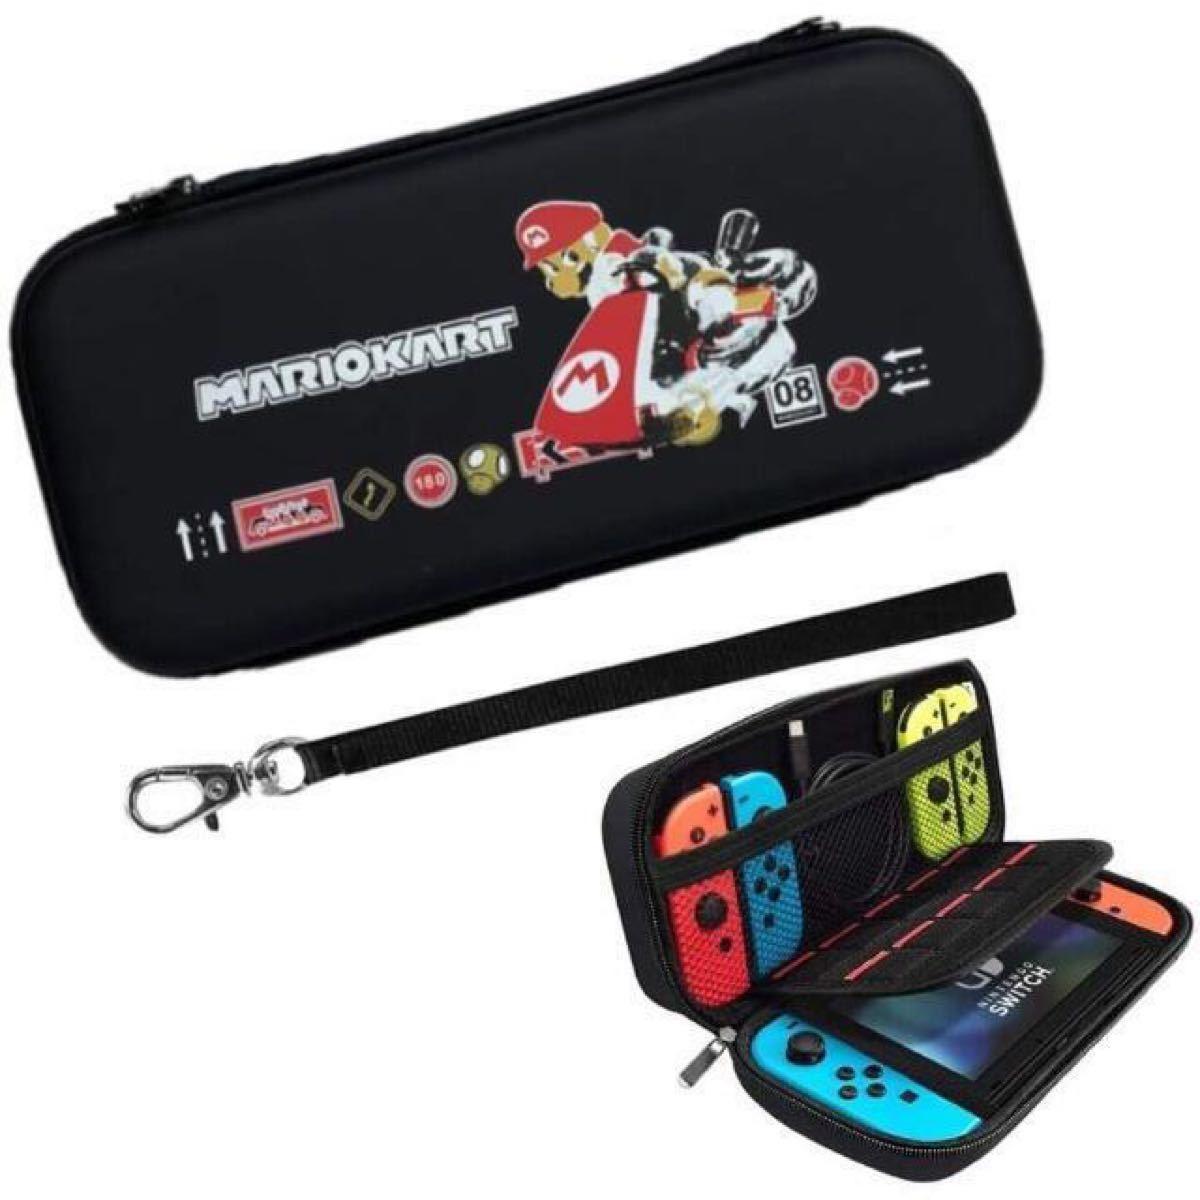 Nintendo Switch 任天堂スイッチケース ニンテンドースイッチ キャリングケース